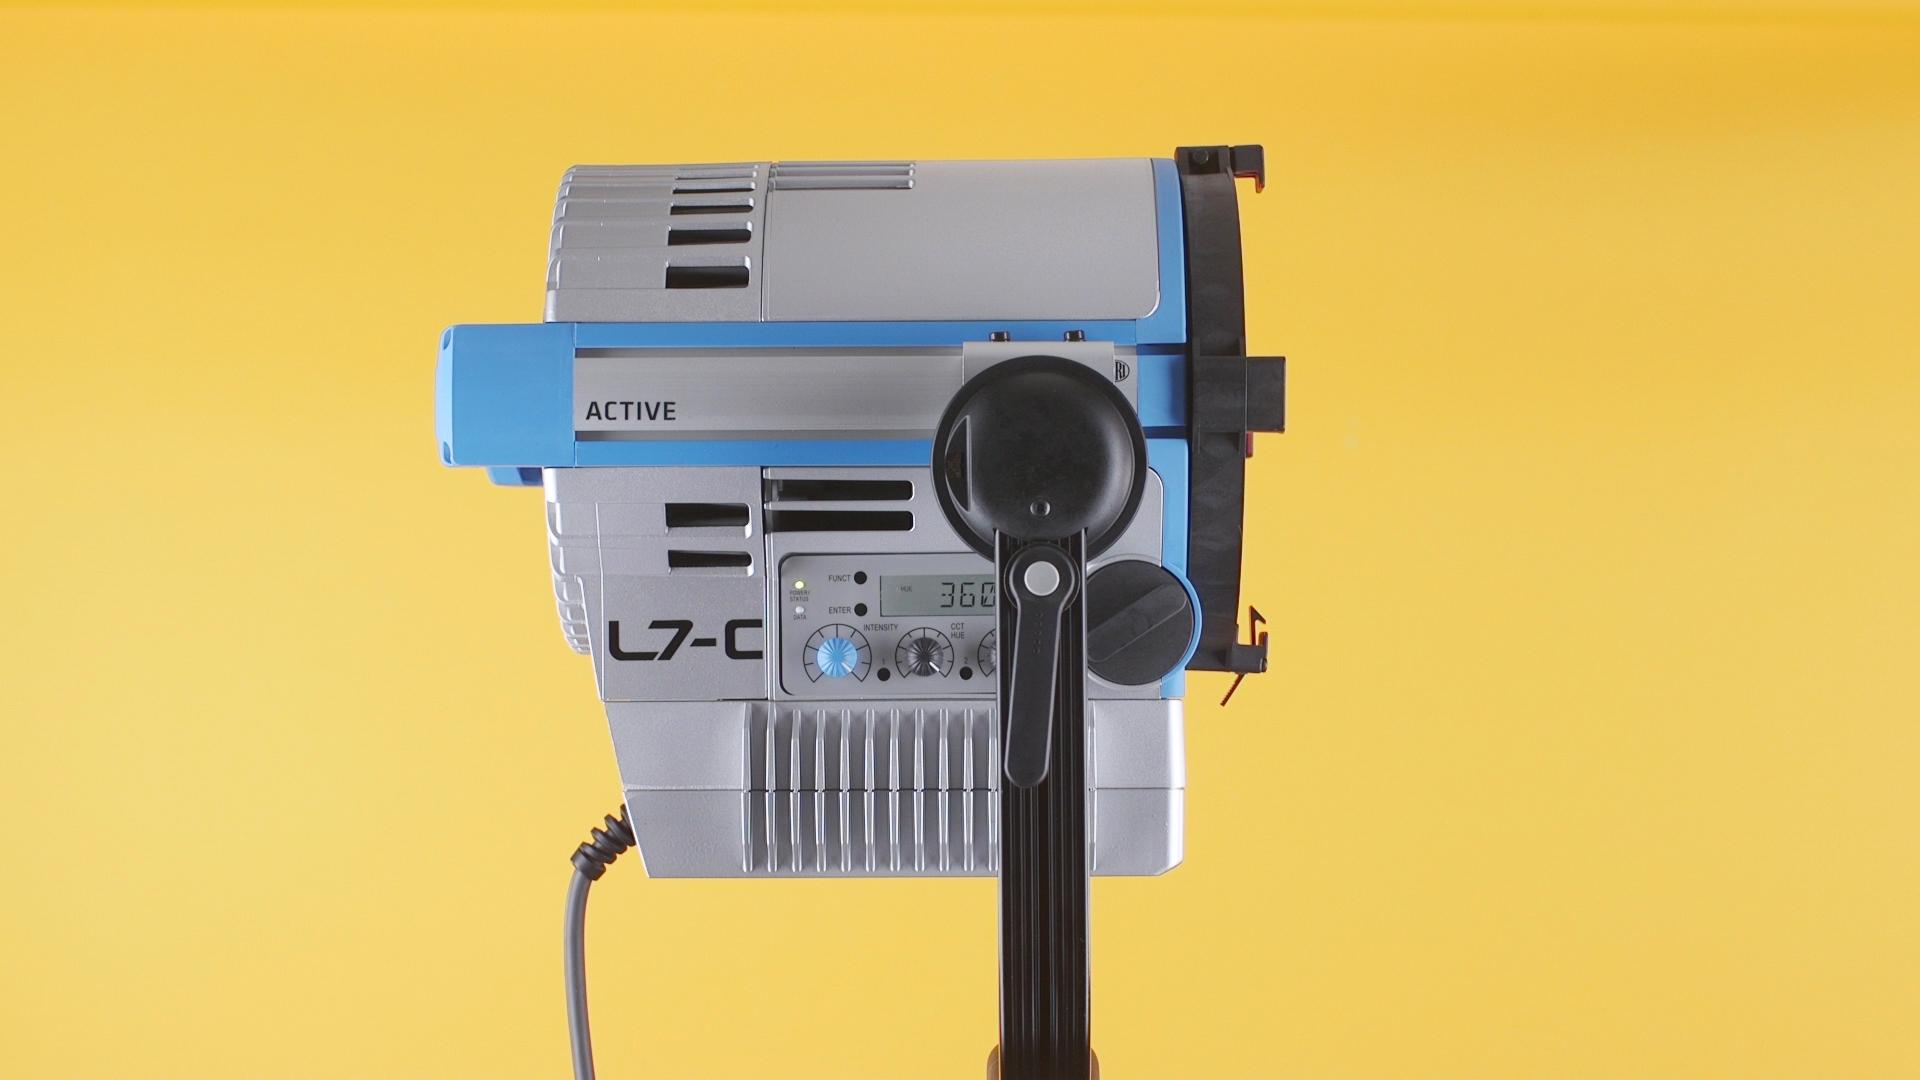 Main Arri L7-C's controls and dials.